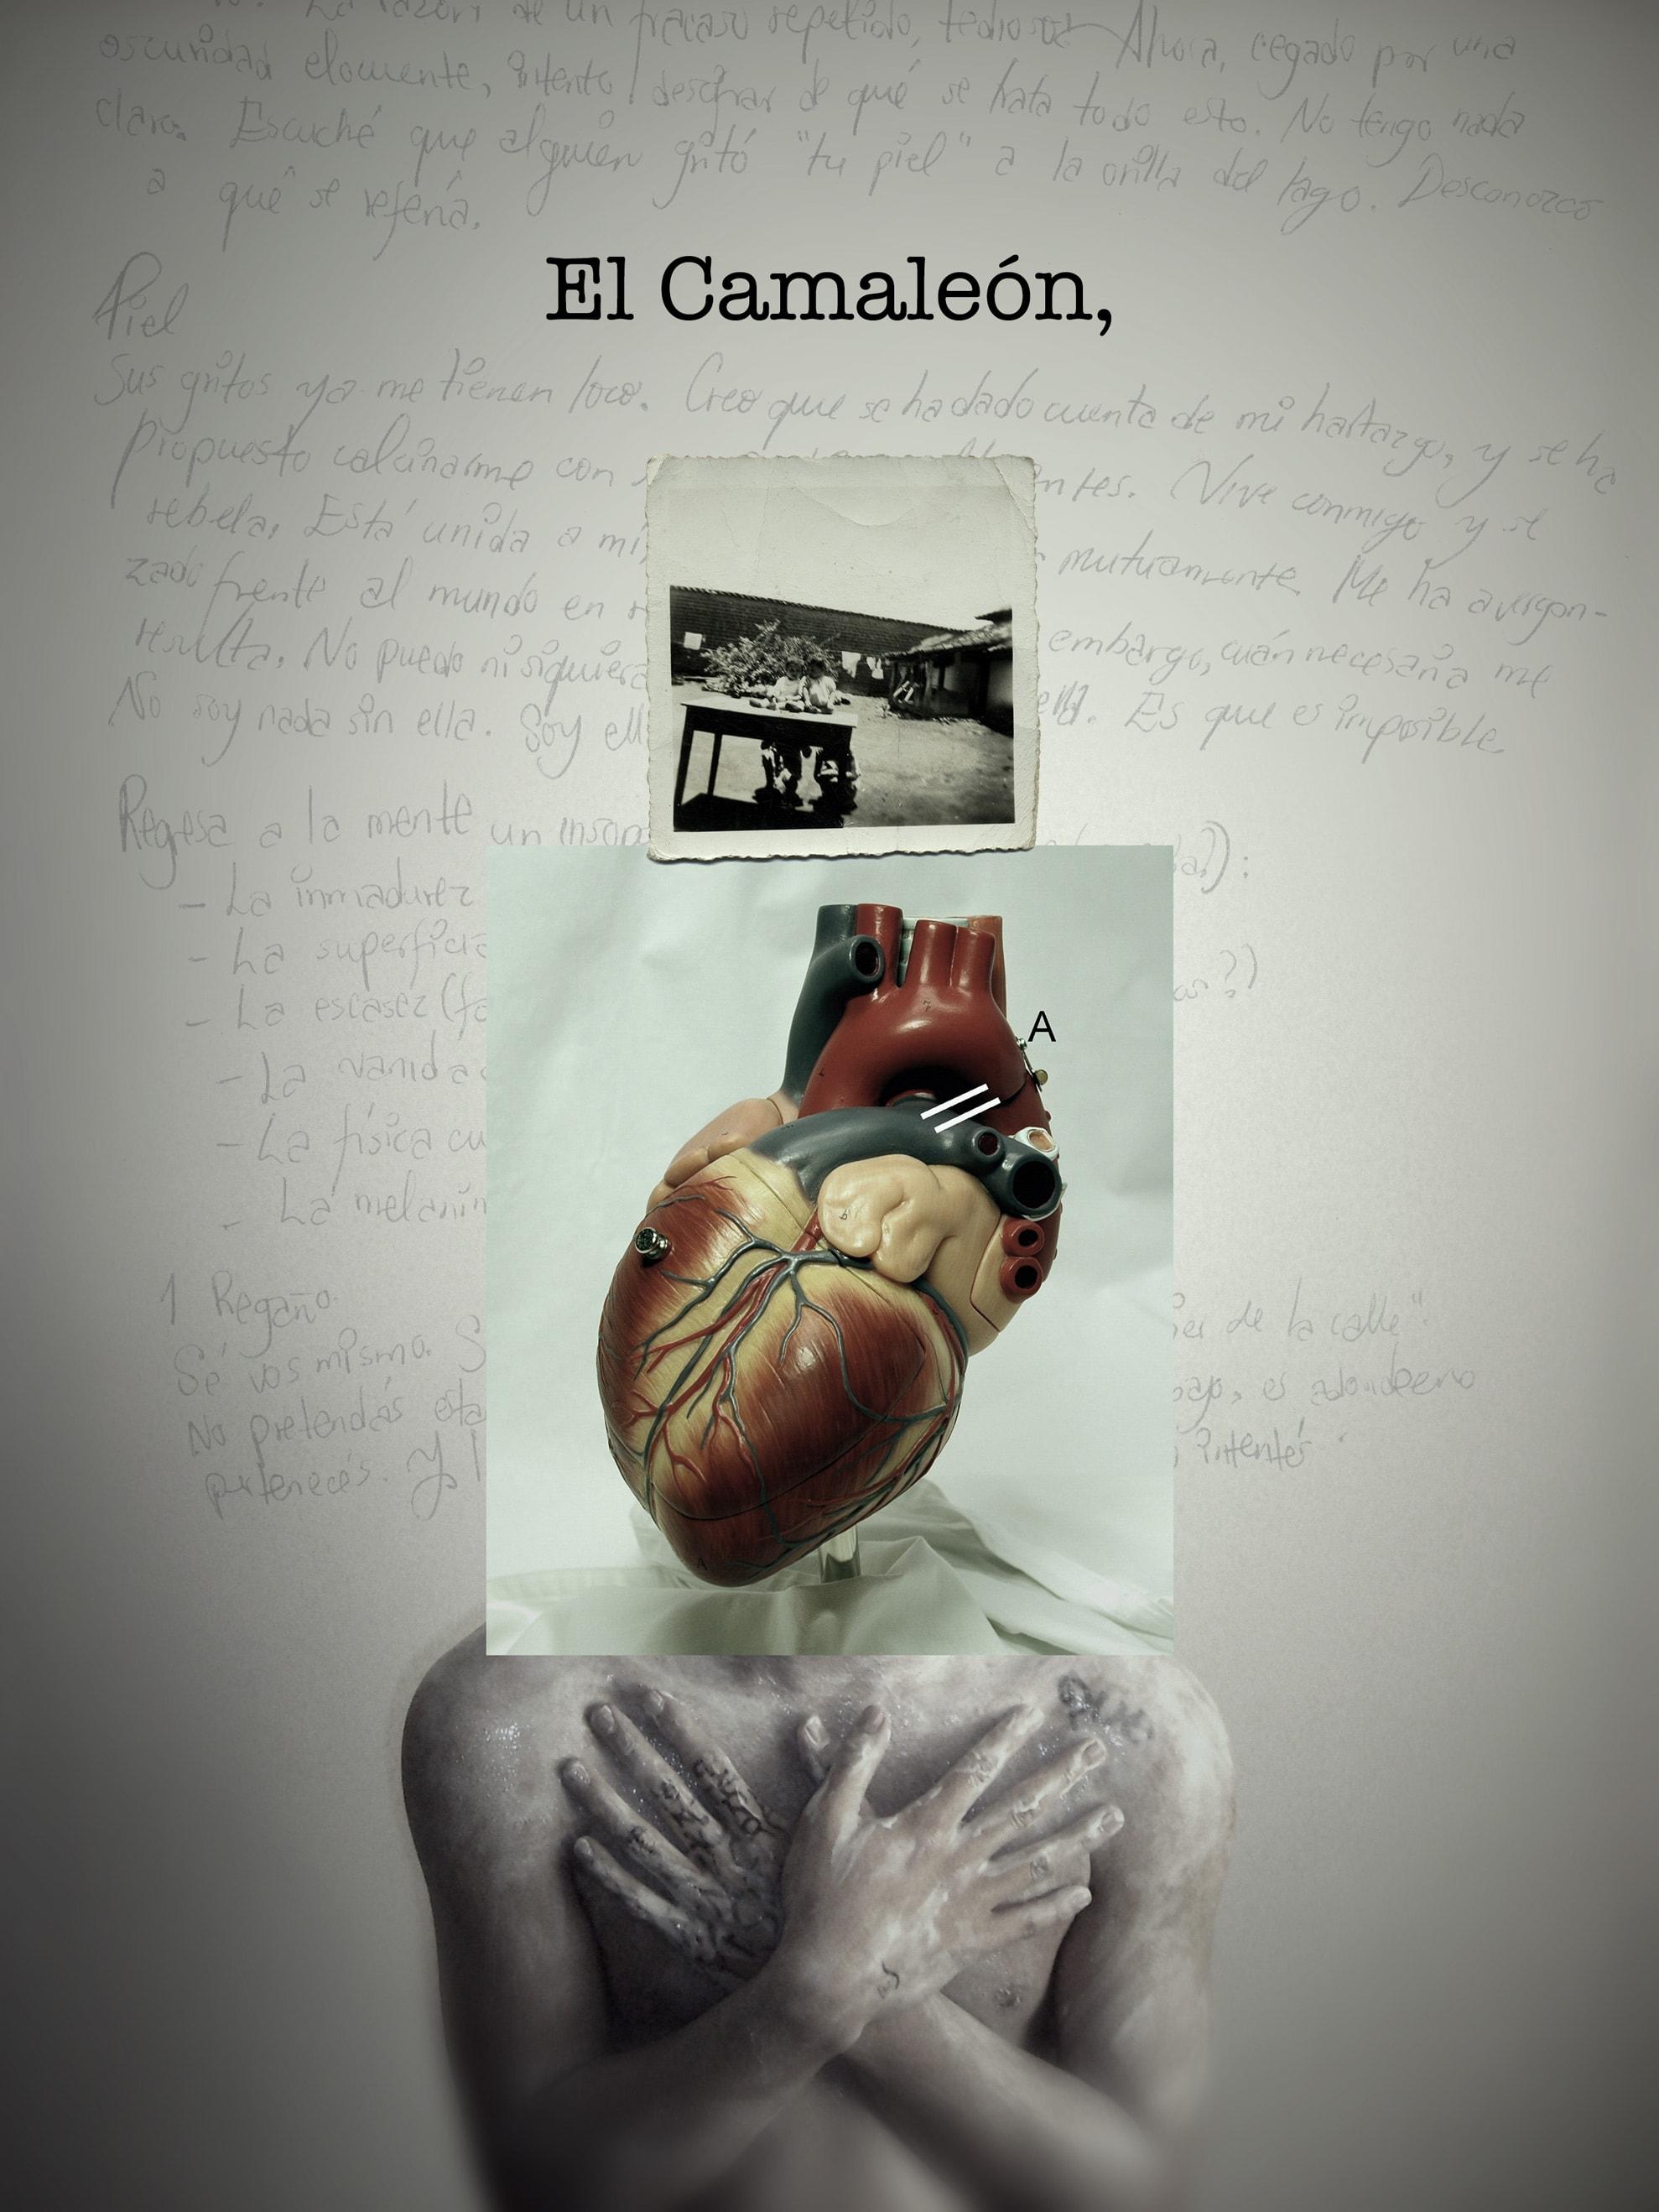 el-camaleon-02-victor-ruano